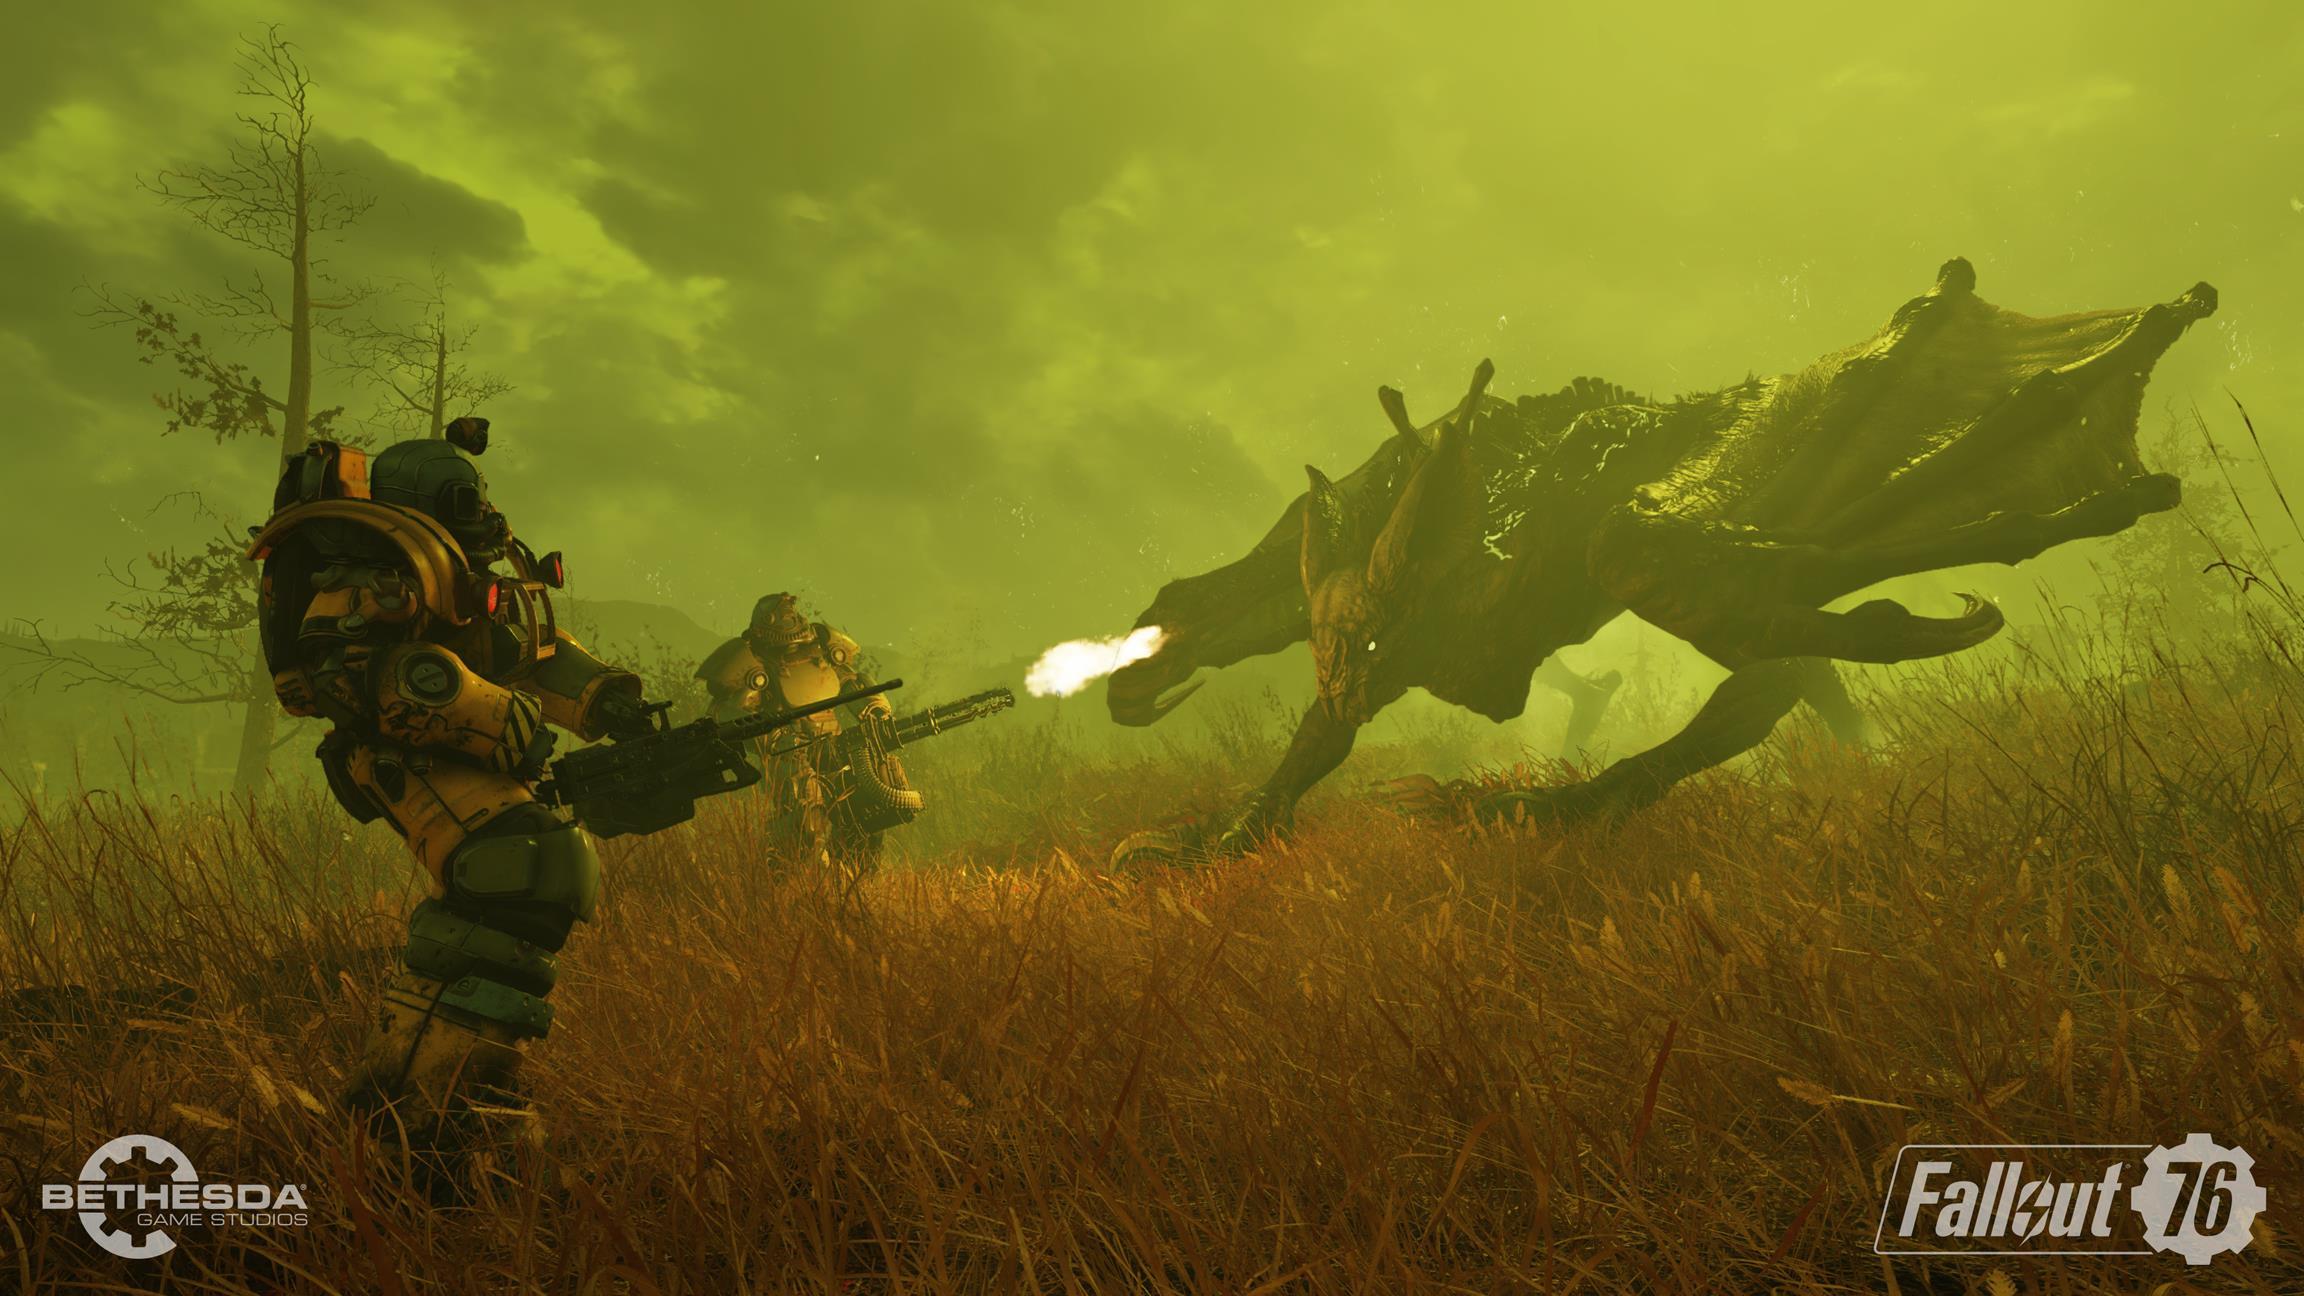 Fallout 76 Launch Screens 6